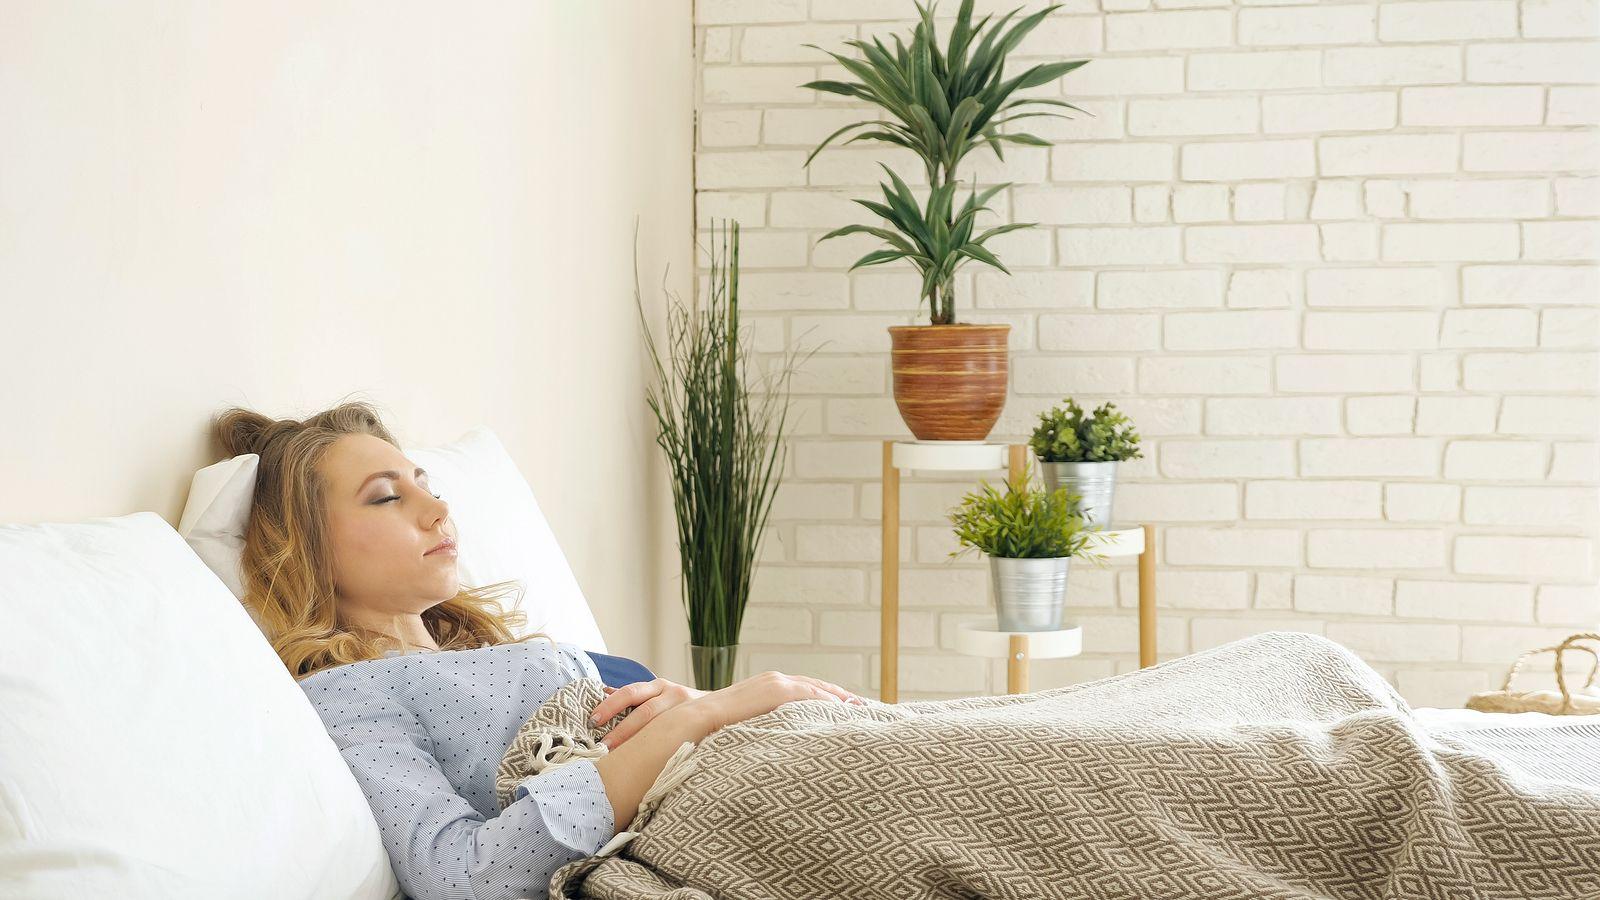 Las plantas te roban el oxígeno mientras duermes?